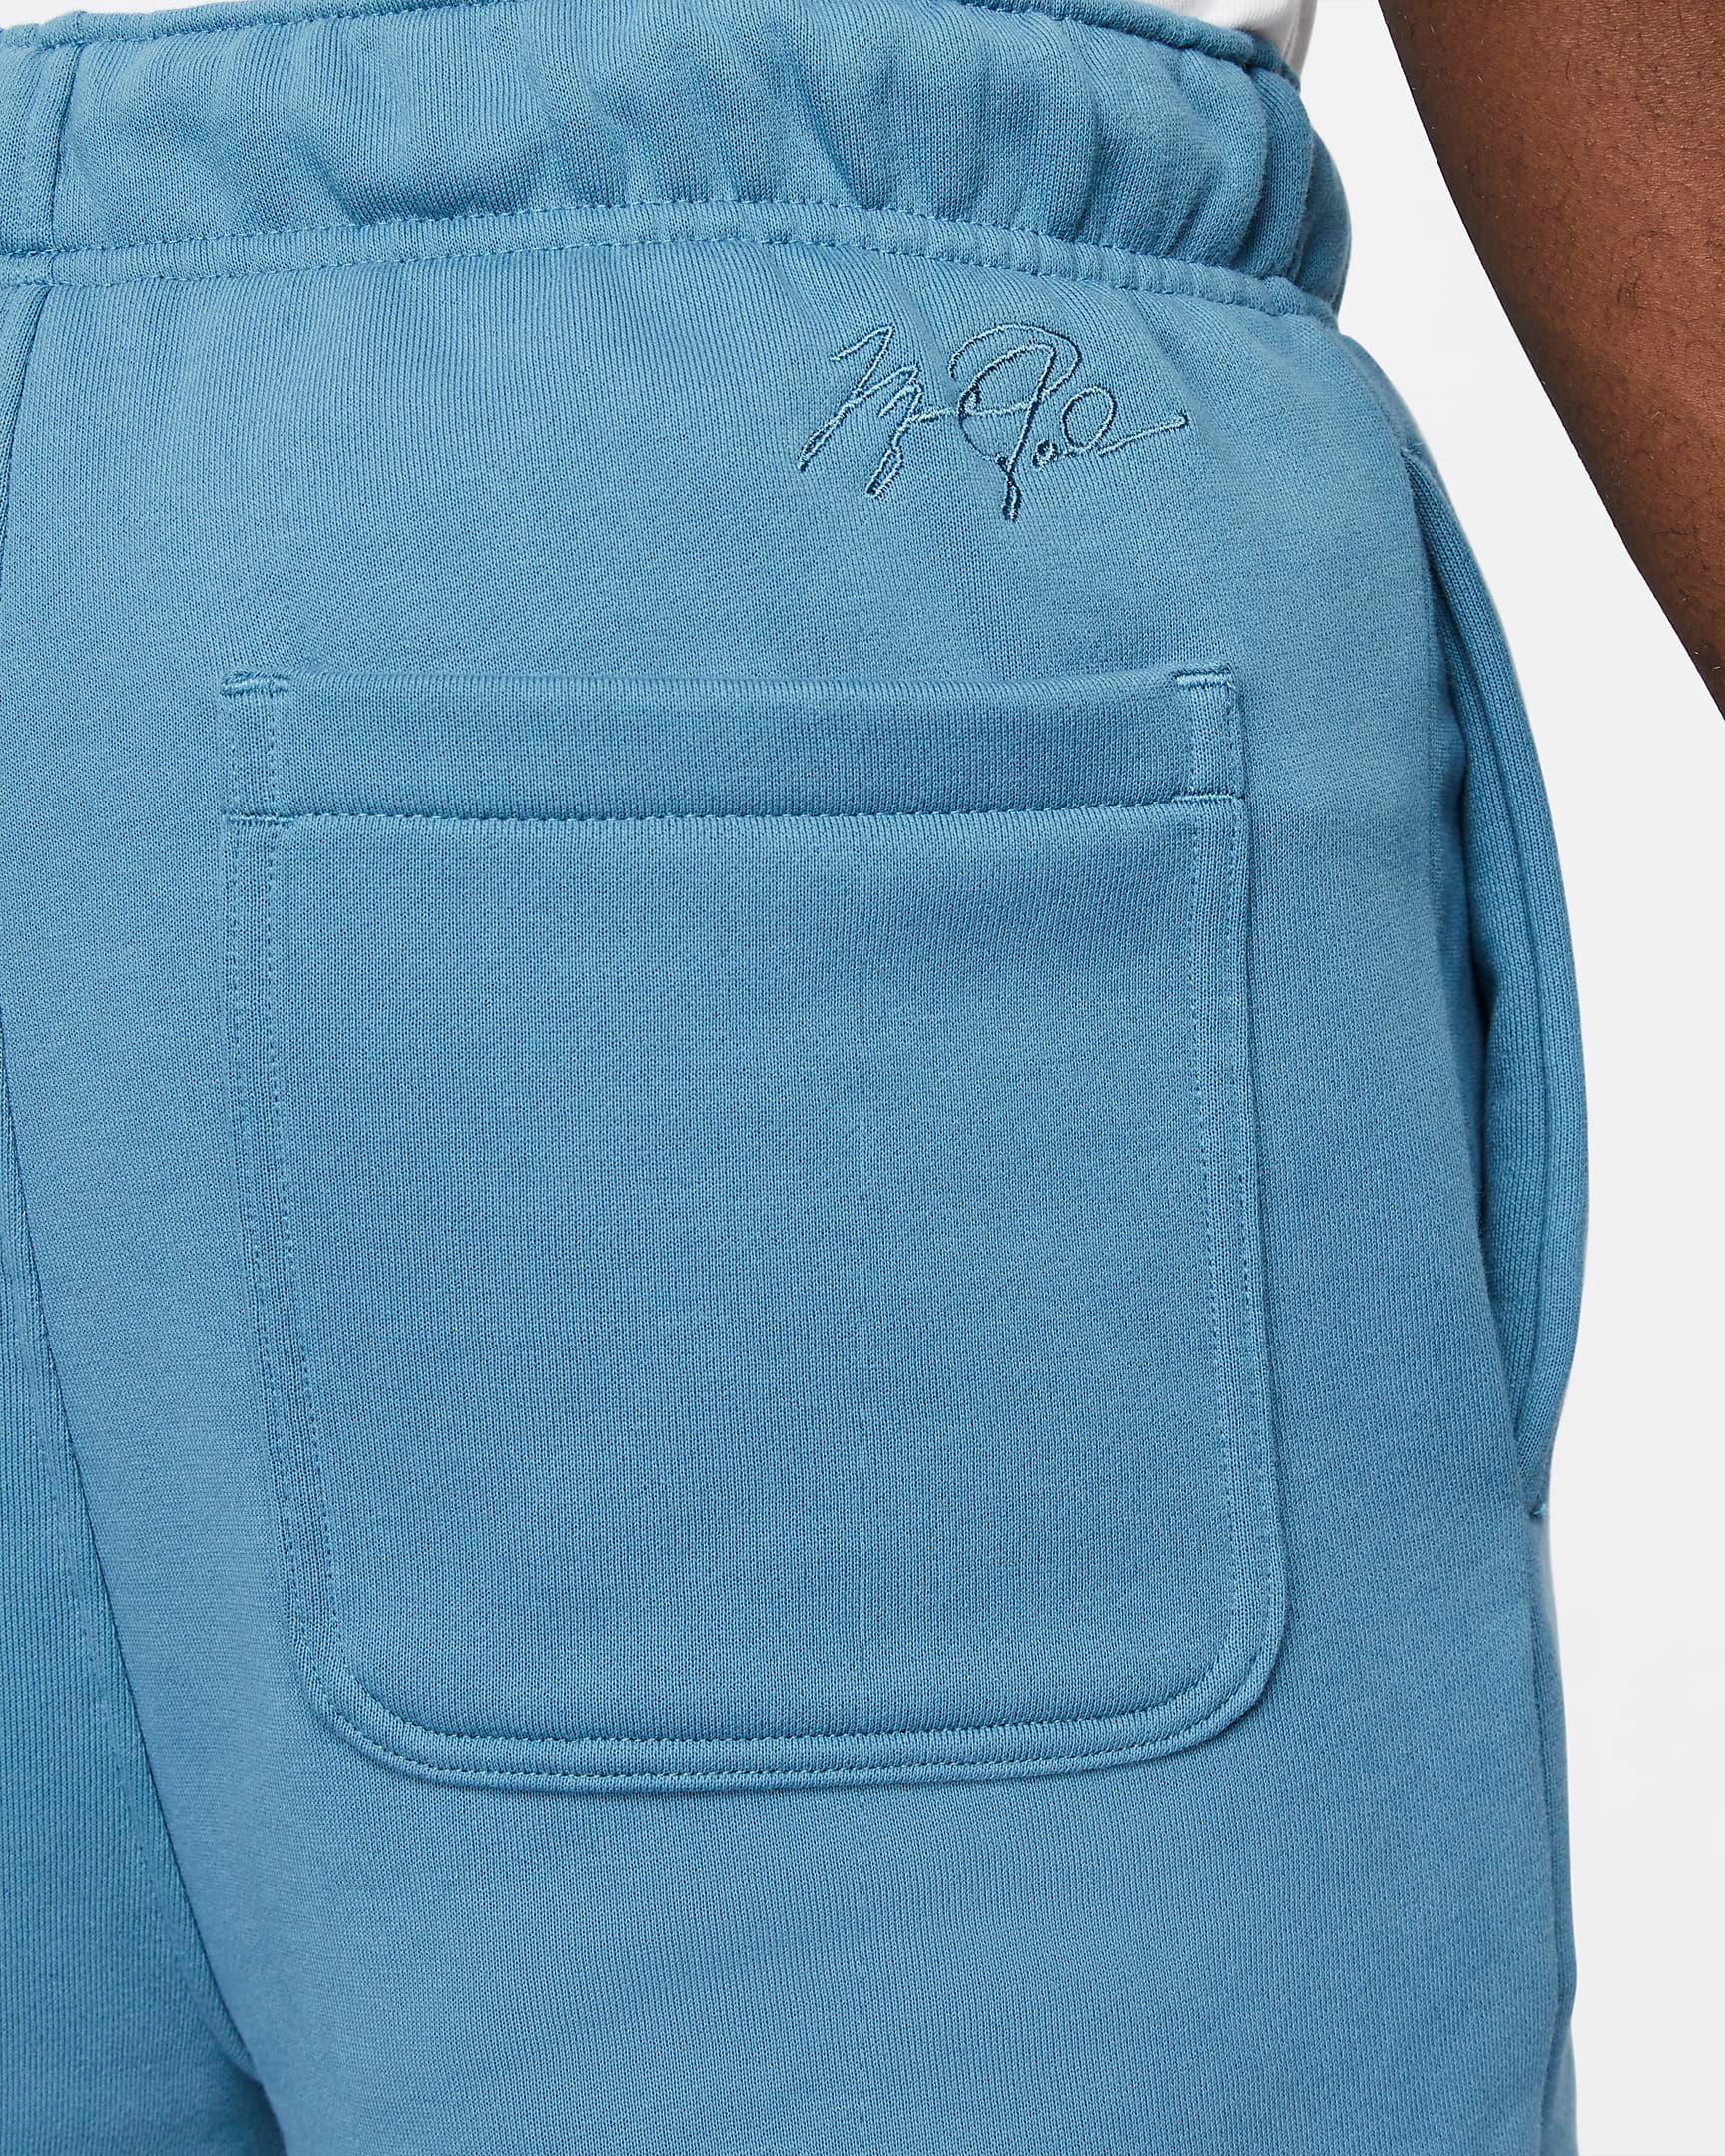 jordan-rift-blue-essentials-fleece-pants-3